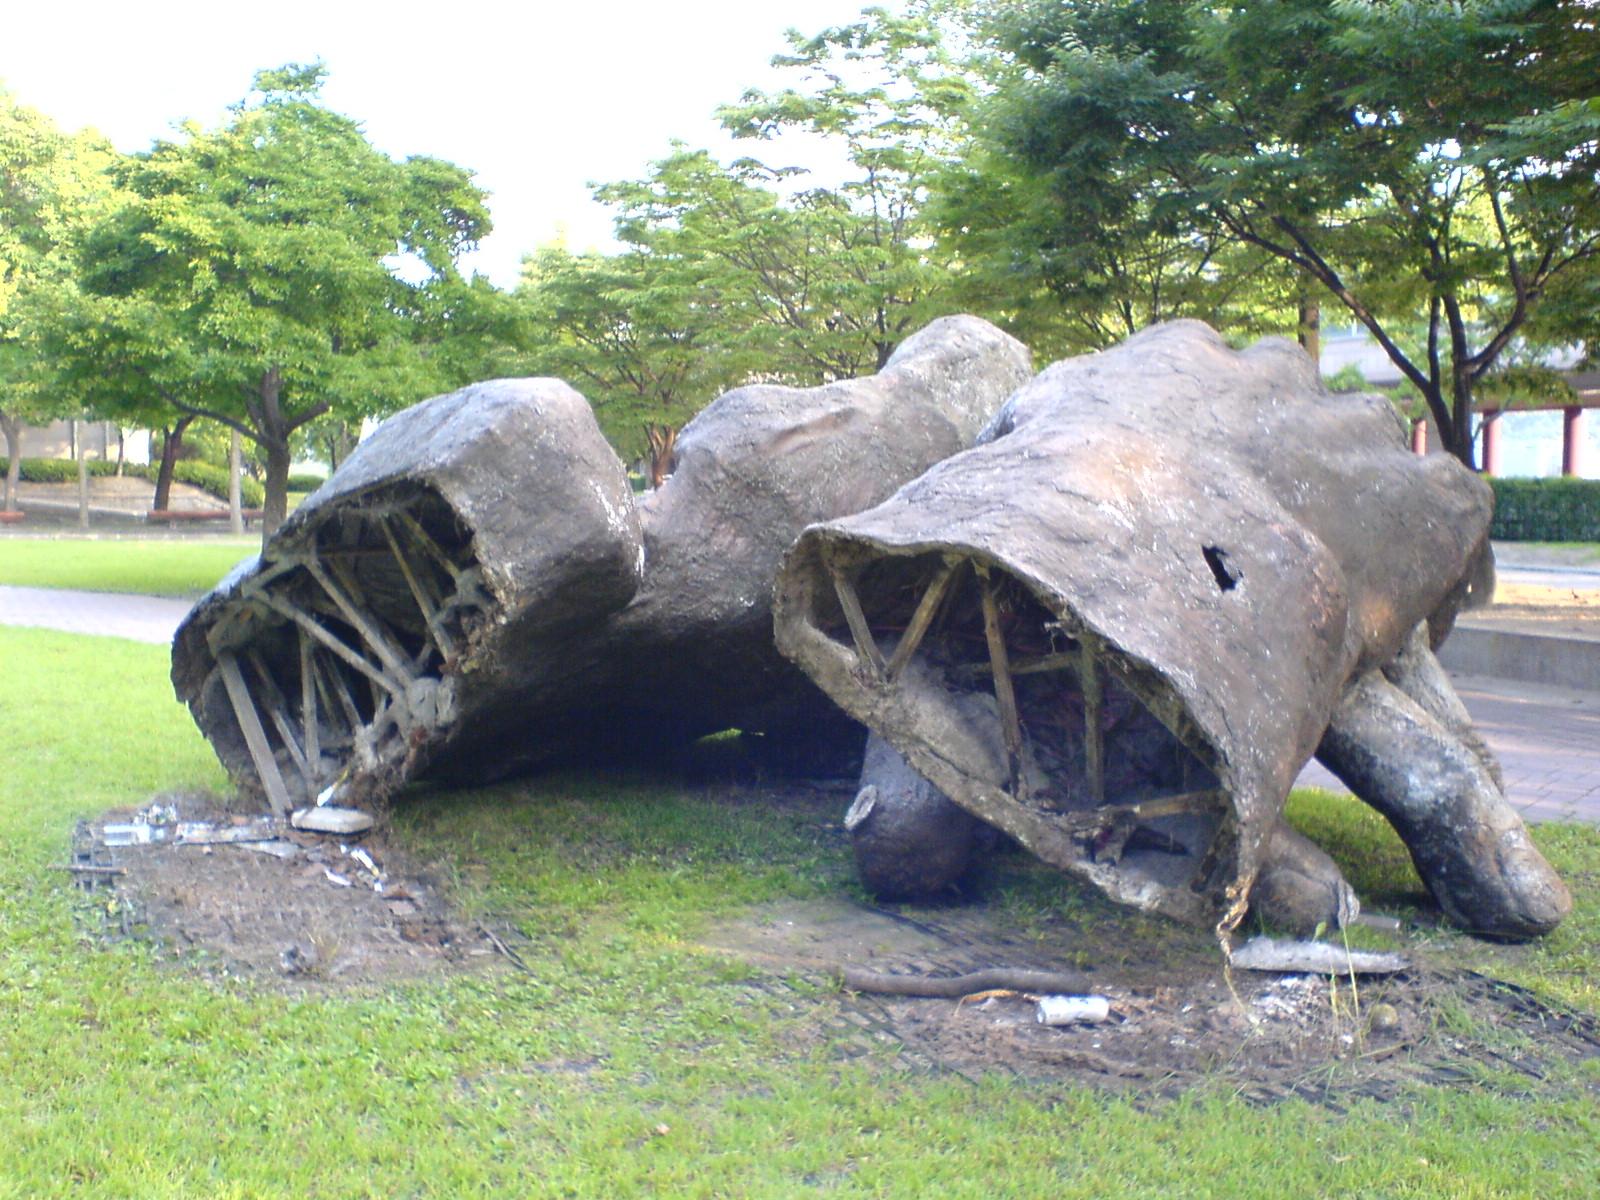 쓰러진 조형물 뒷모습